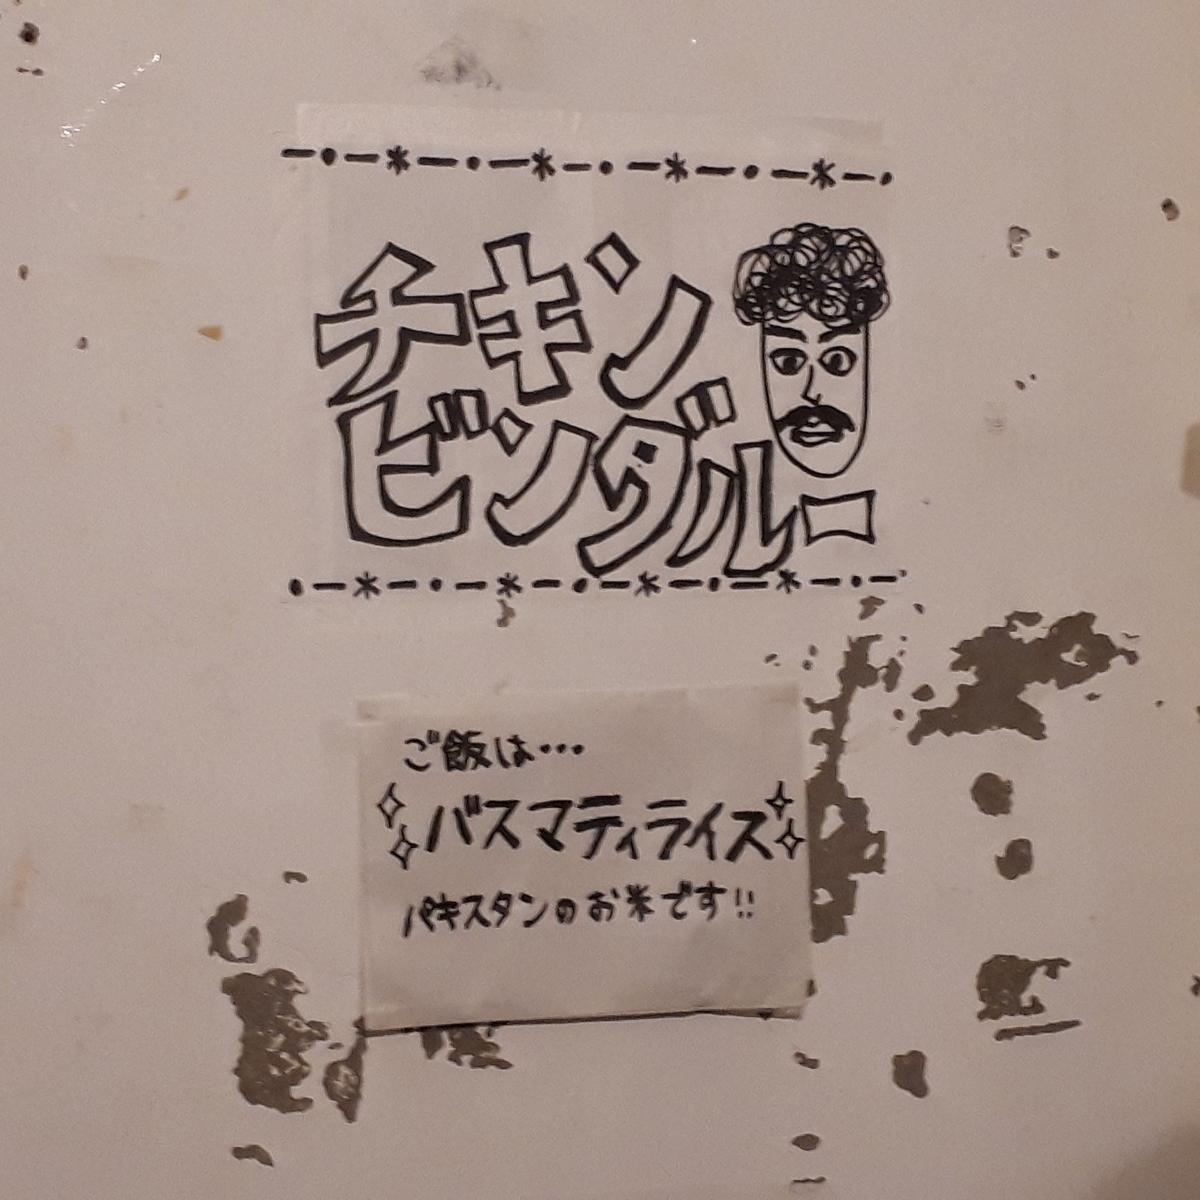 カレー事情聴取Vol.26 2019年7月15日 藤カレー チキンビンダルー